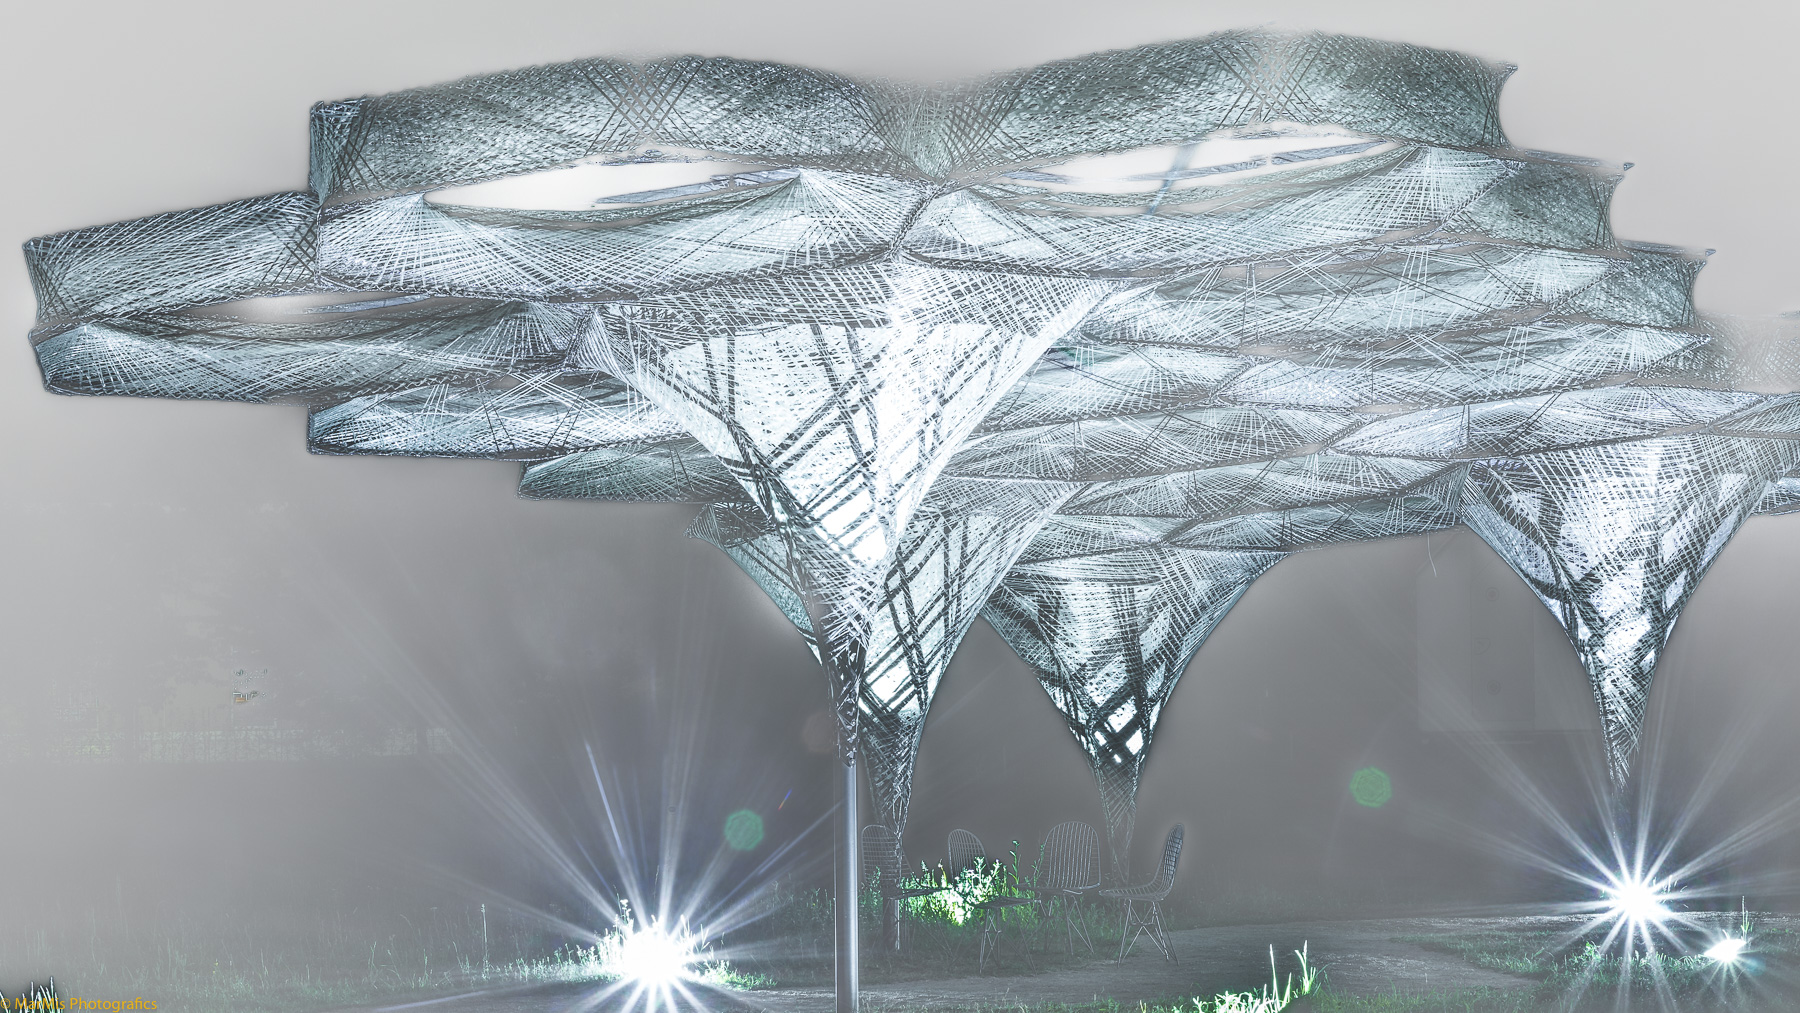 Elytra Filament Pavilion Außeninstallation zur Ausstellung »Hello, Robot.« auf dem Vitra Campus